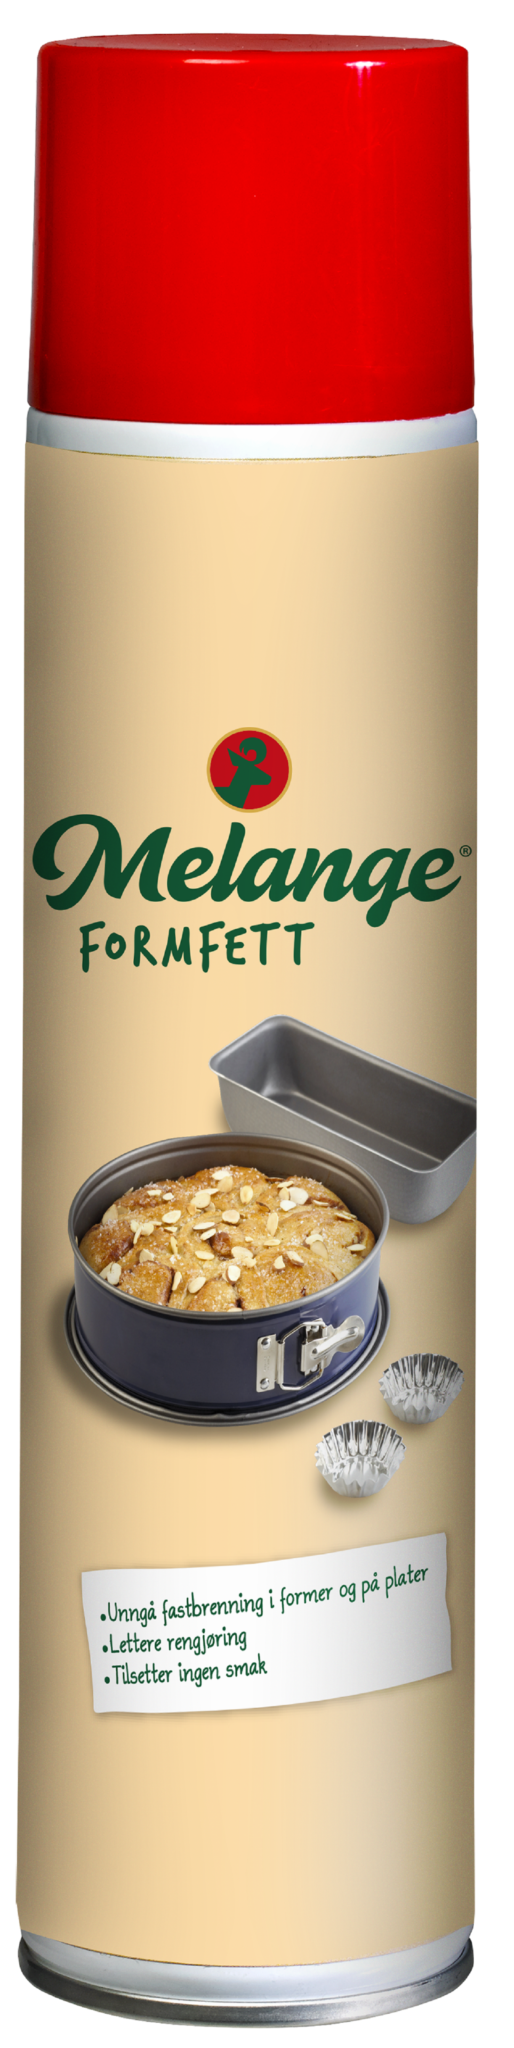 Melange Formfett 12×400 ml